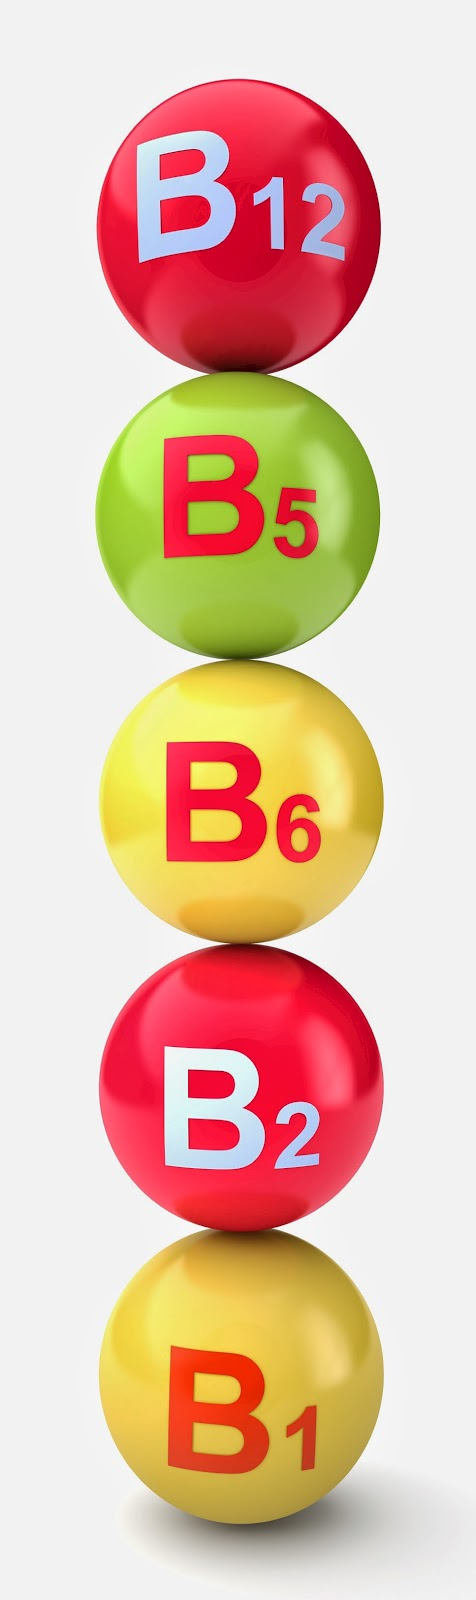 Vitamin B-Kompleks: Manfaat, Efek Samping dan Dosis